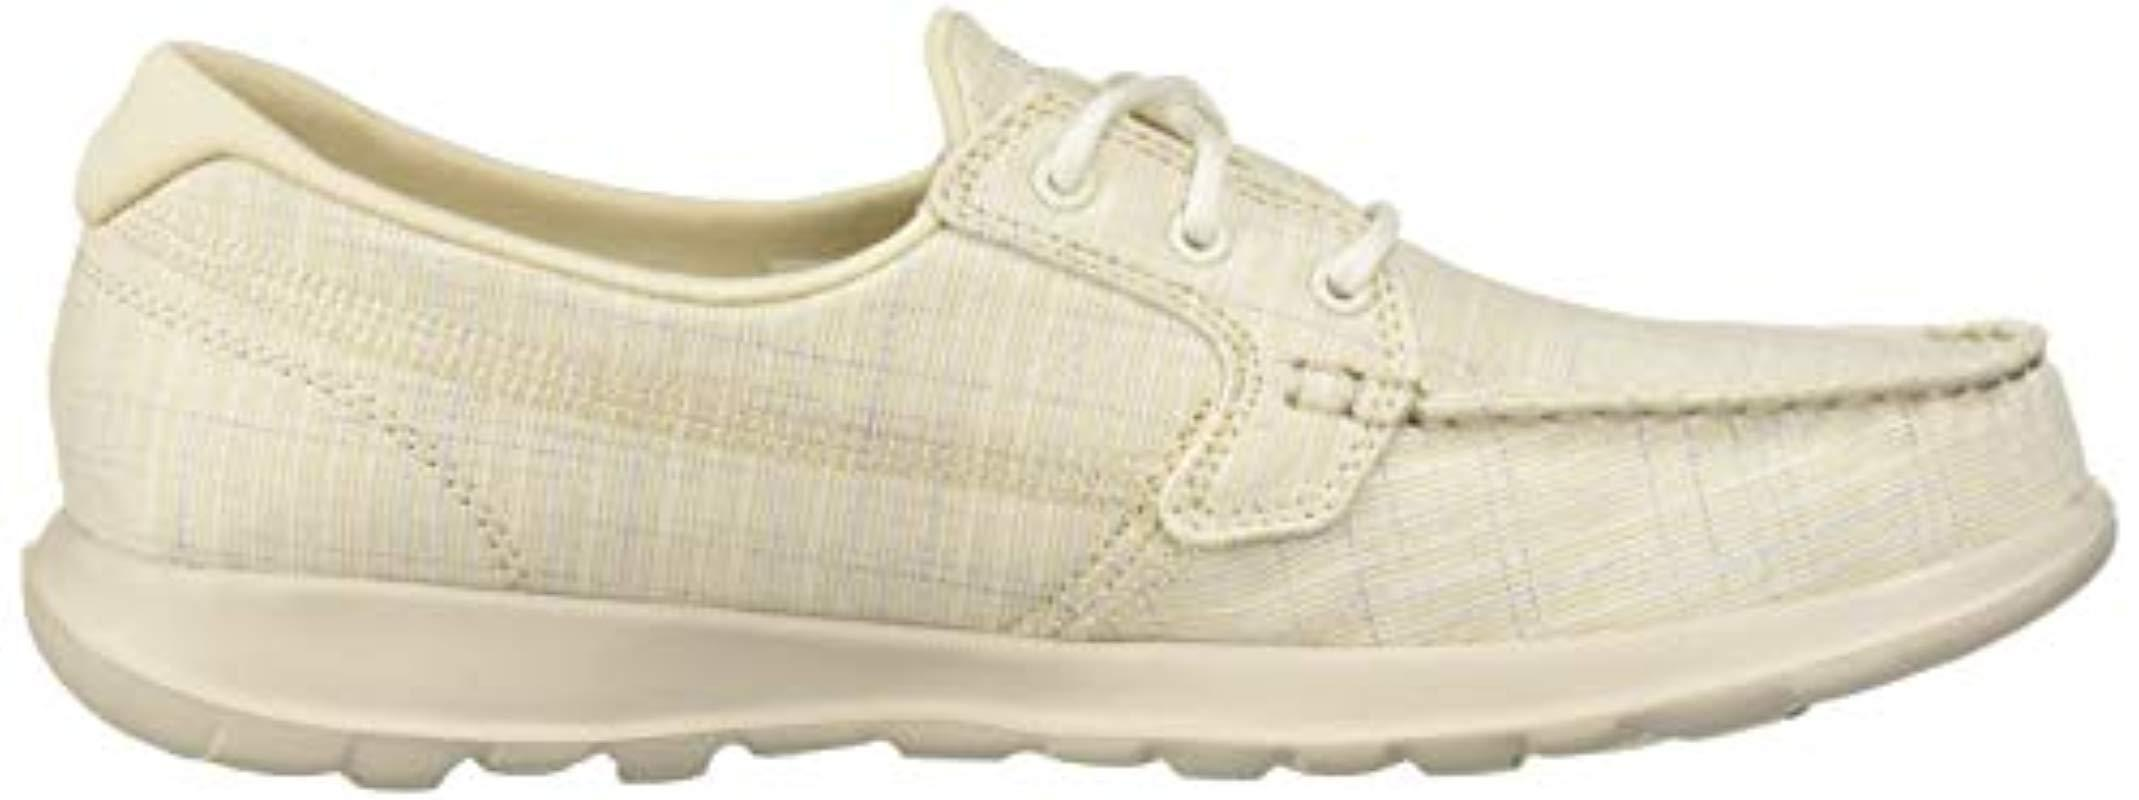 skechers go walk boat shoes